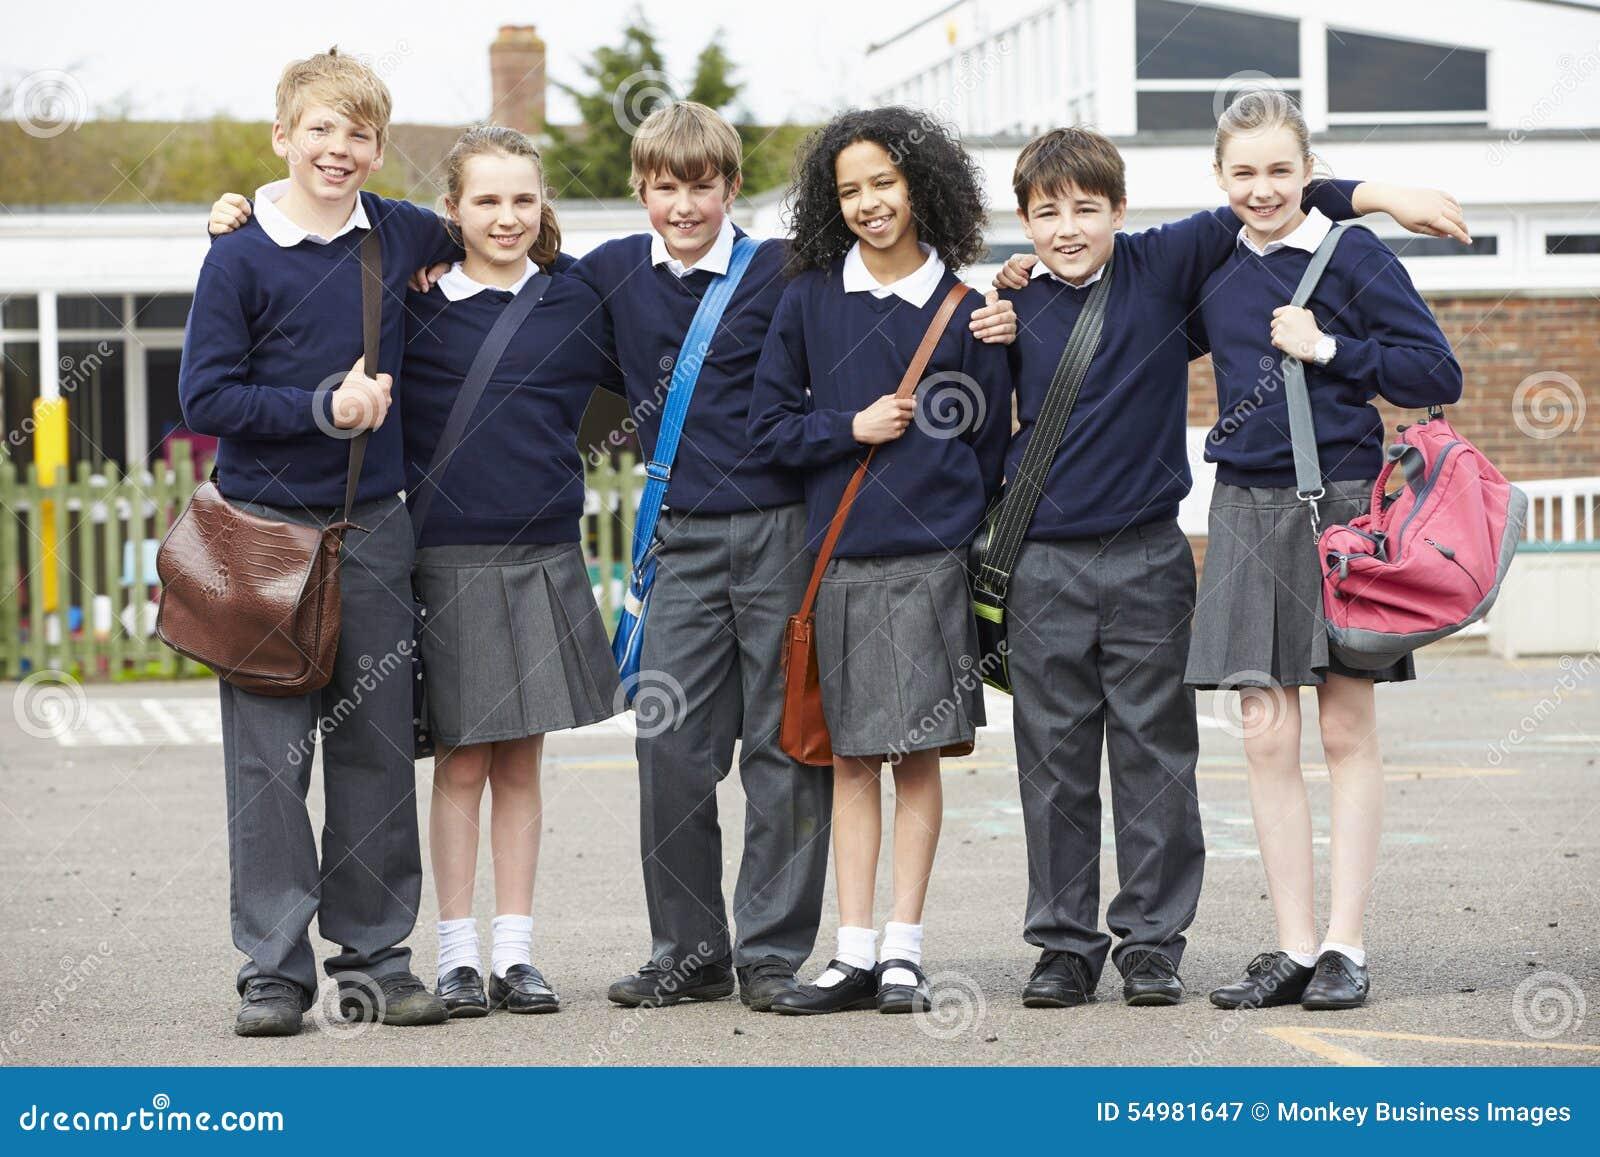 Πορτρέτο των μαθητών δημοτικού σχολείου στην παιδική χαρά